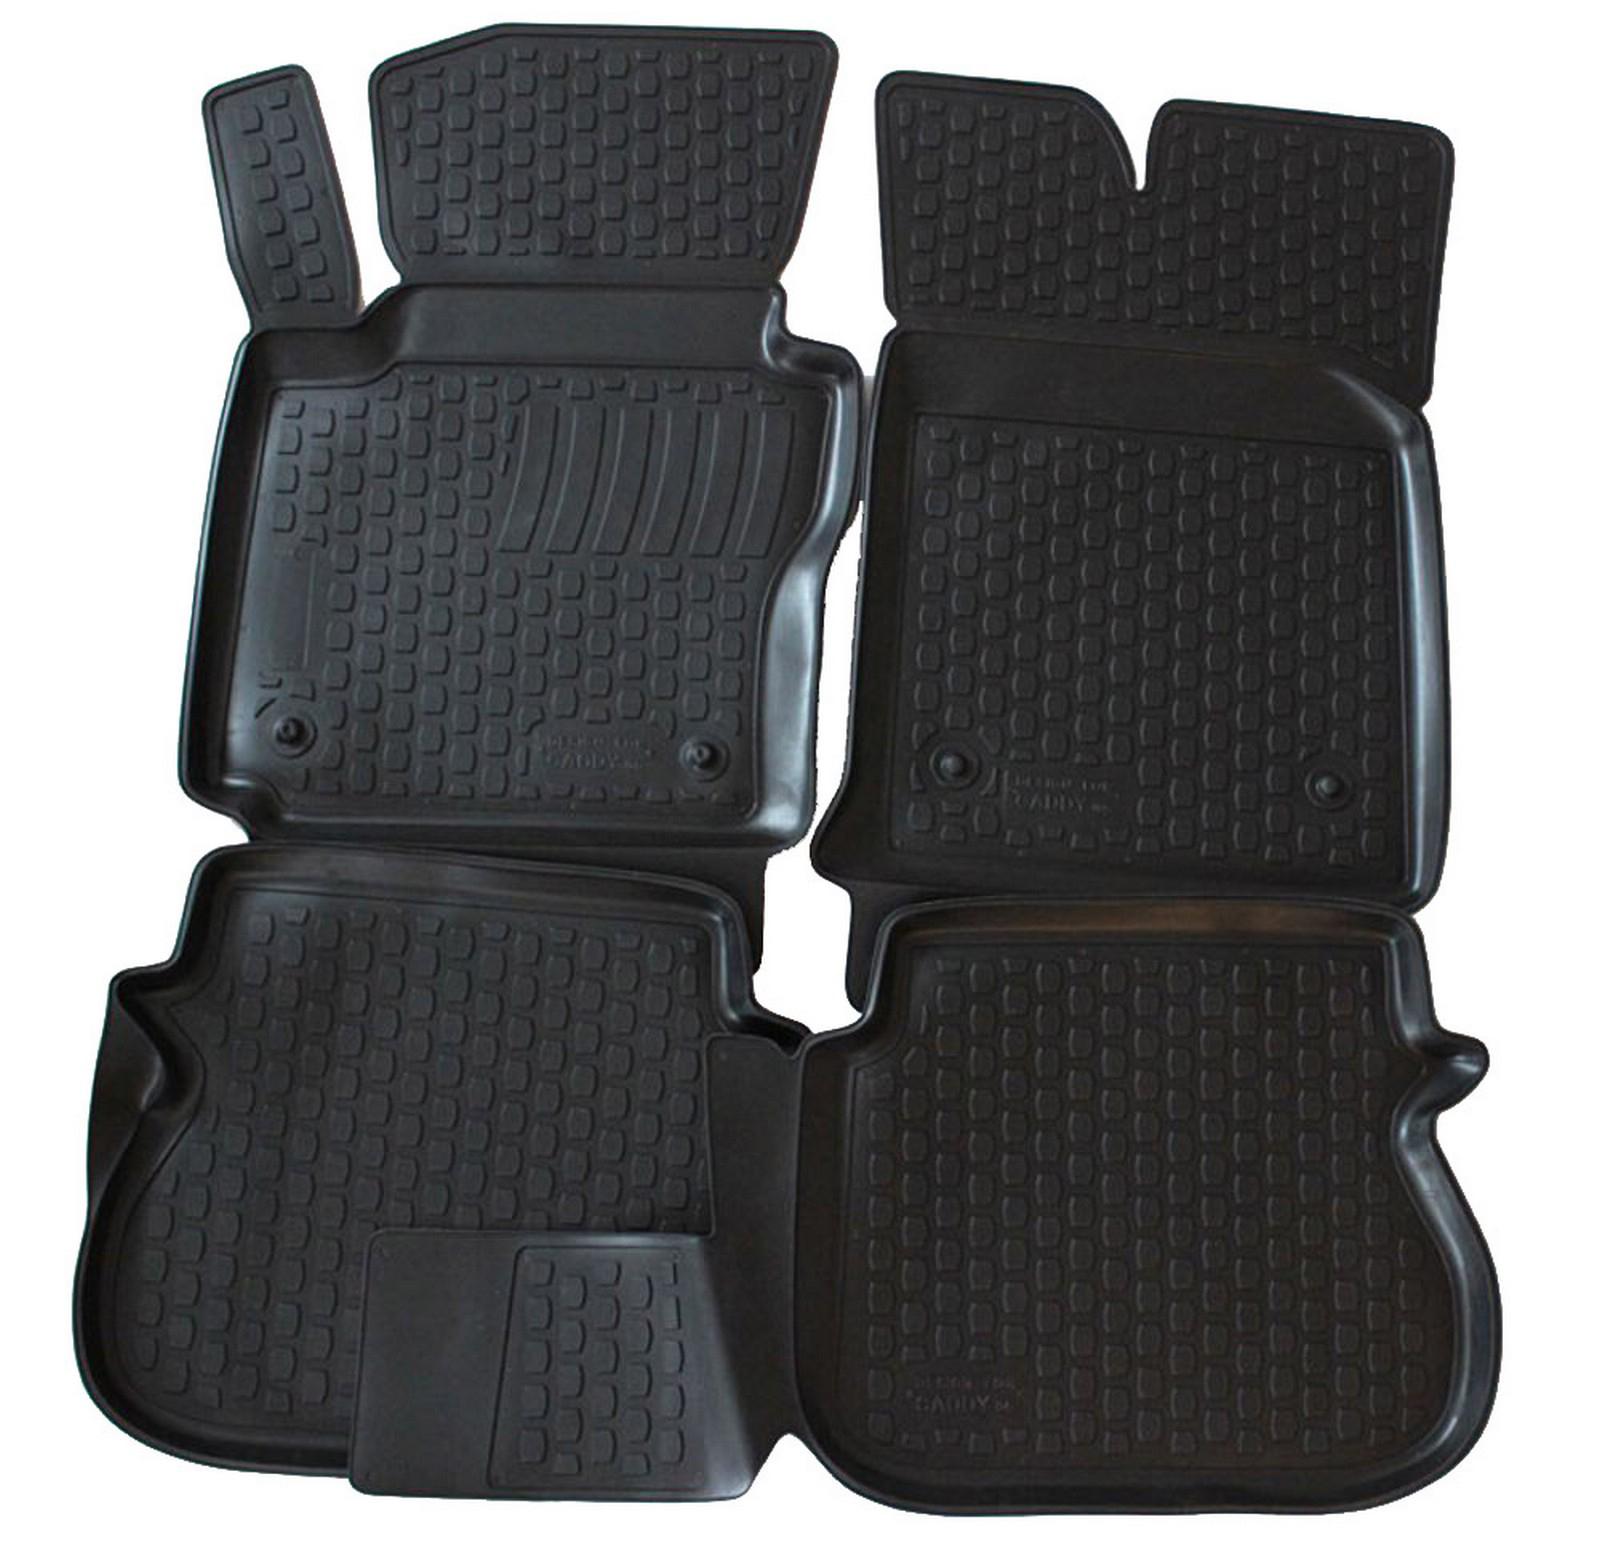 Poza cu Covorase din cauciuc tip tavita Premium, Volkswagen Caddy, 2003-2015